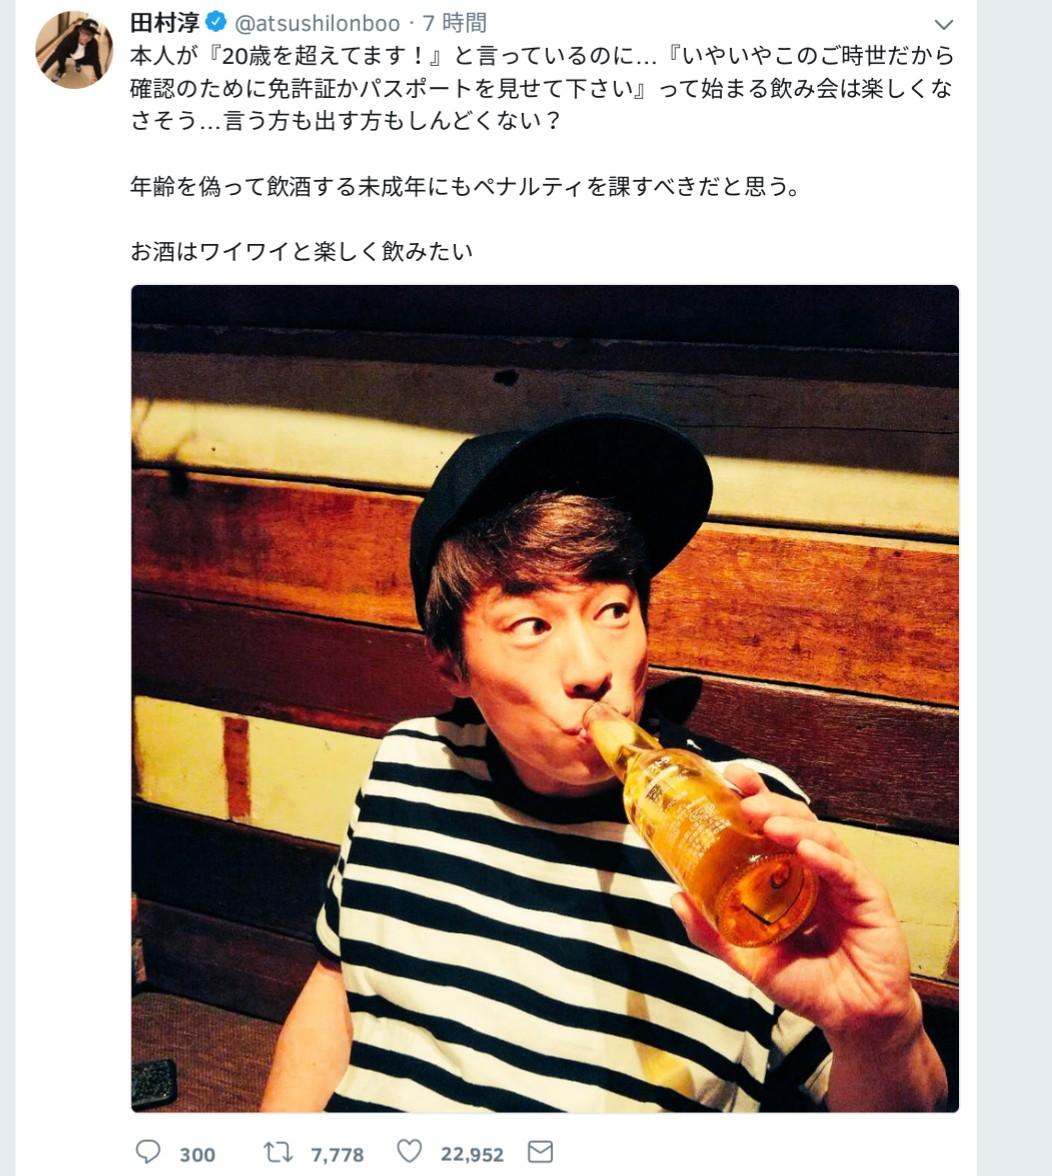 田村淳がNEWSの未成年飲酒強制疑惑にもの申す? 「年齢を偽って ...